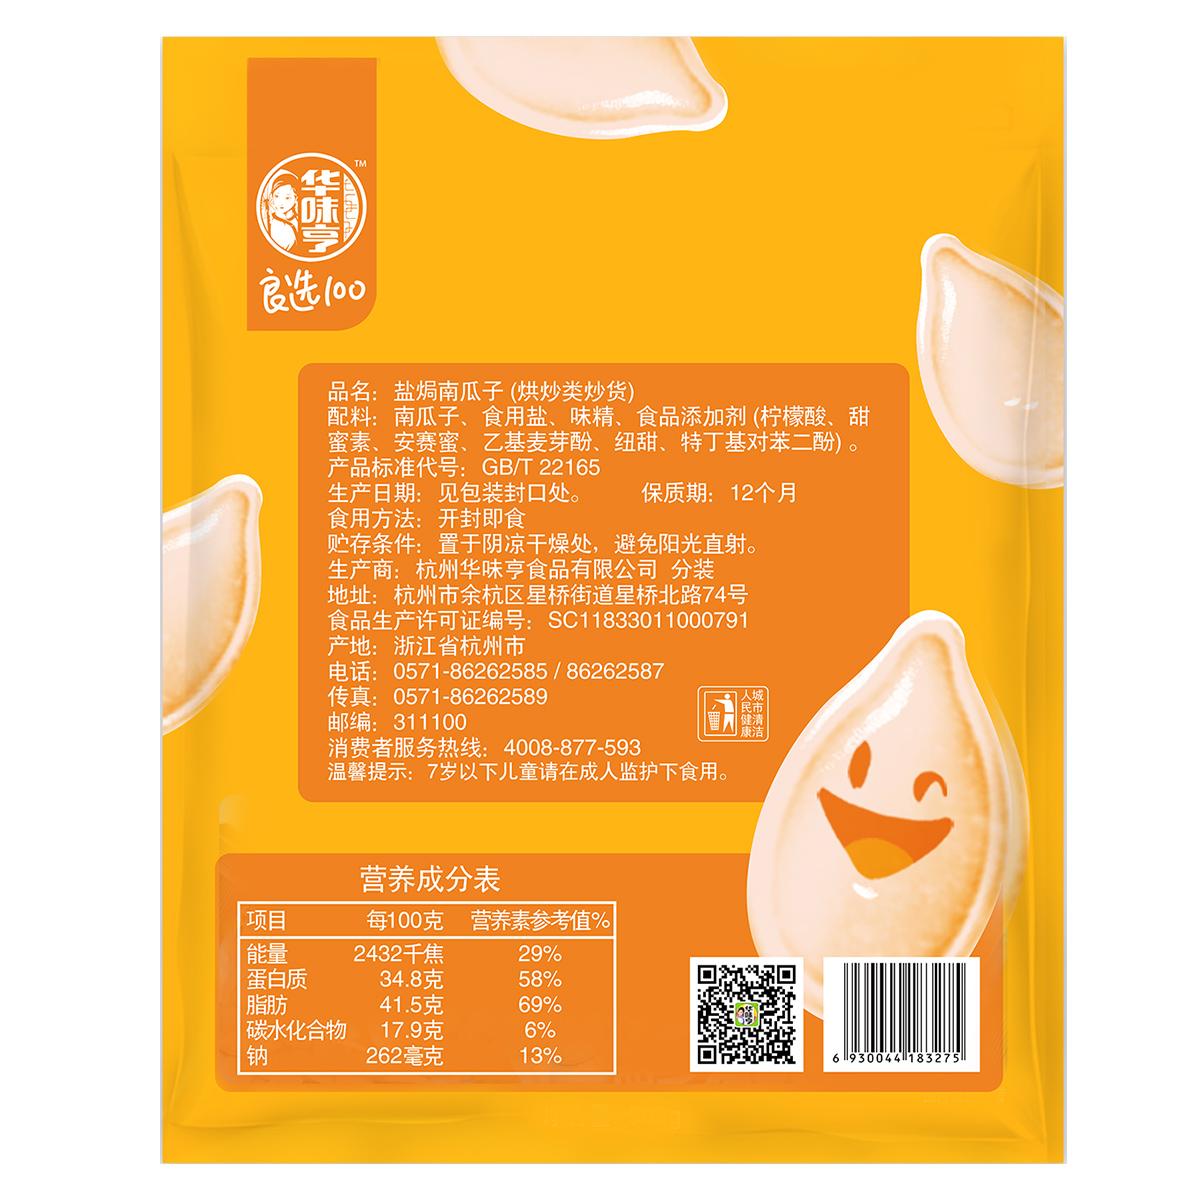 华味亨盐焗味南瓜子小包装袋纸皮南瓜子炒货新货盐焗味南瓜籽